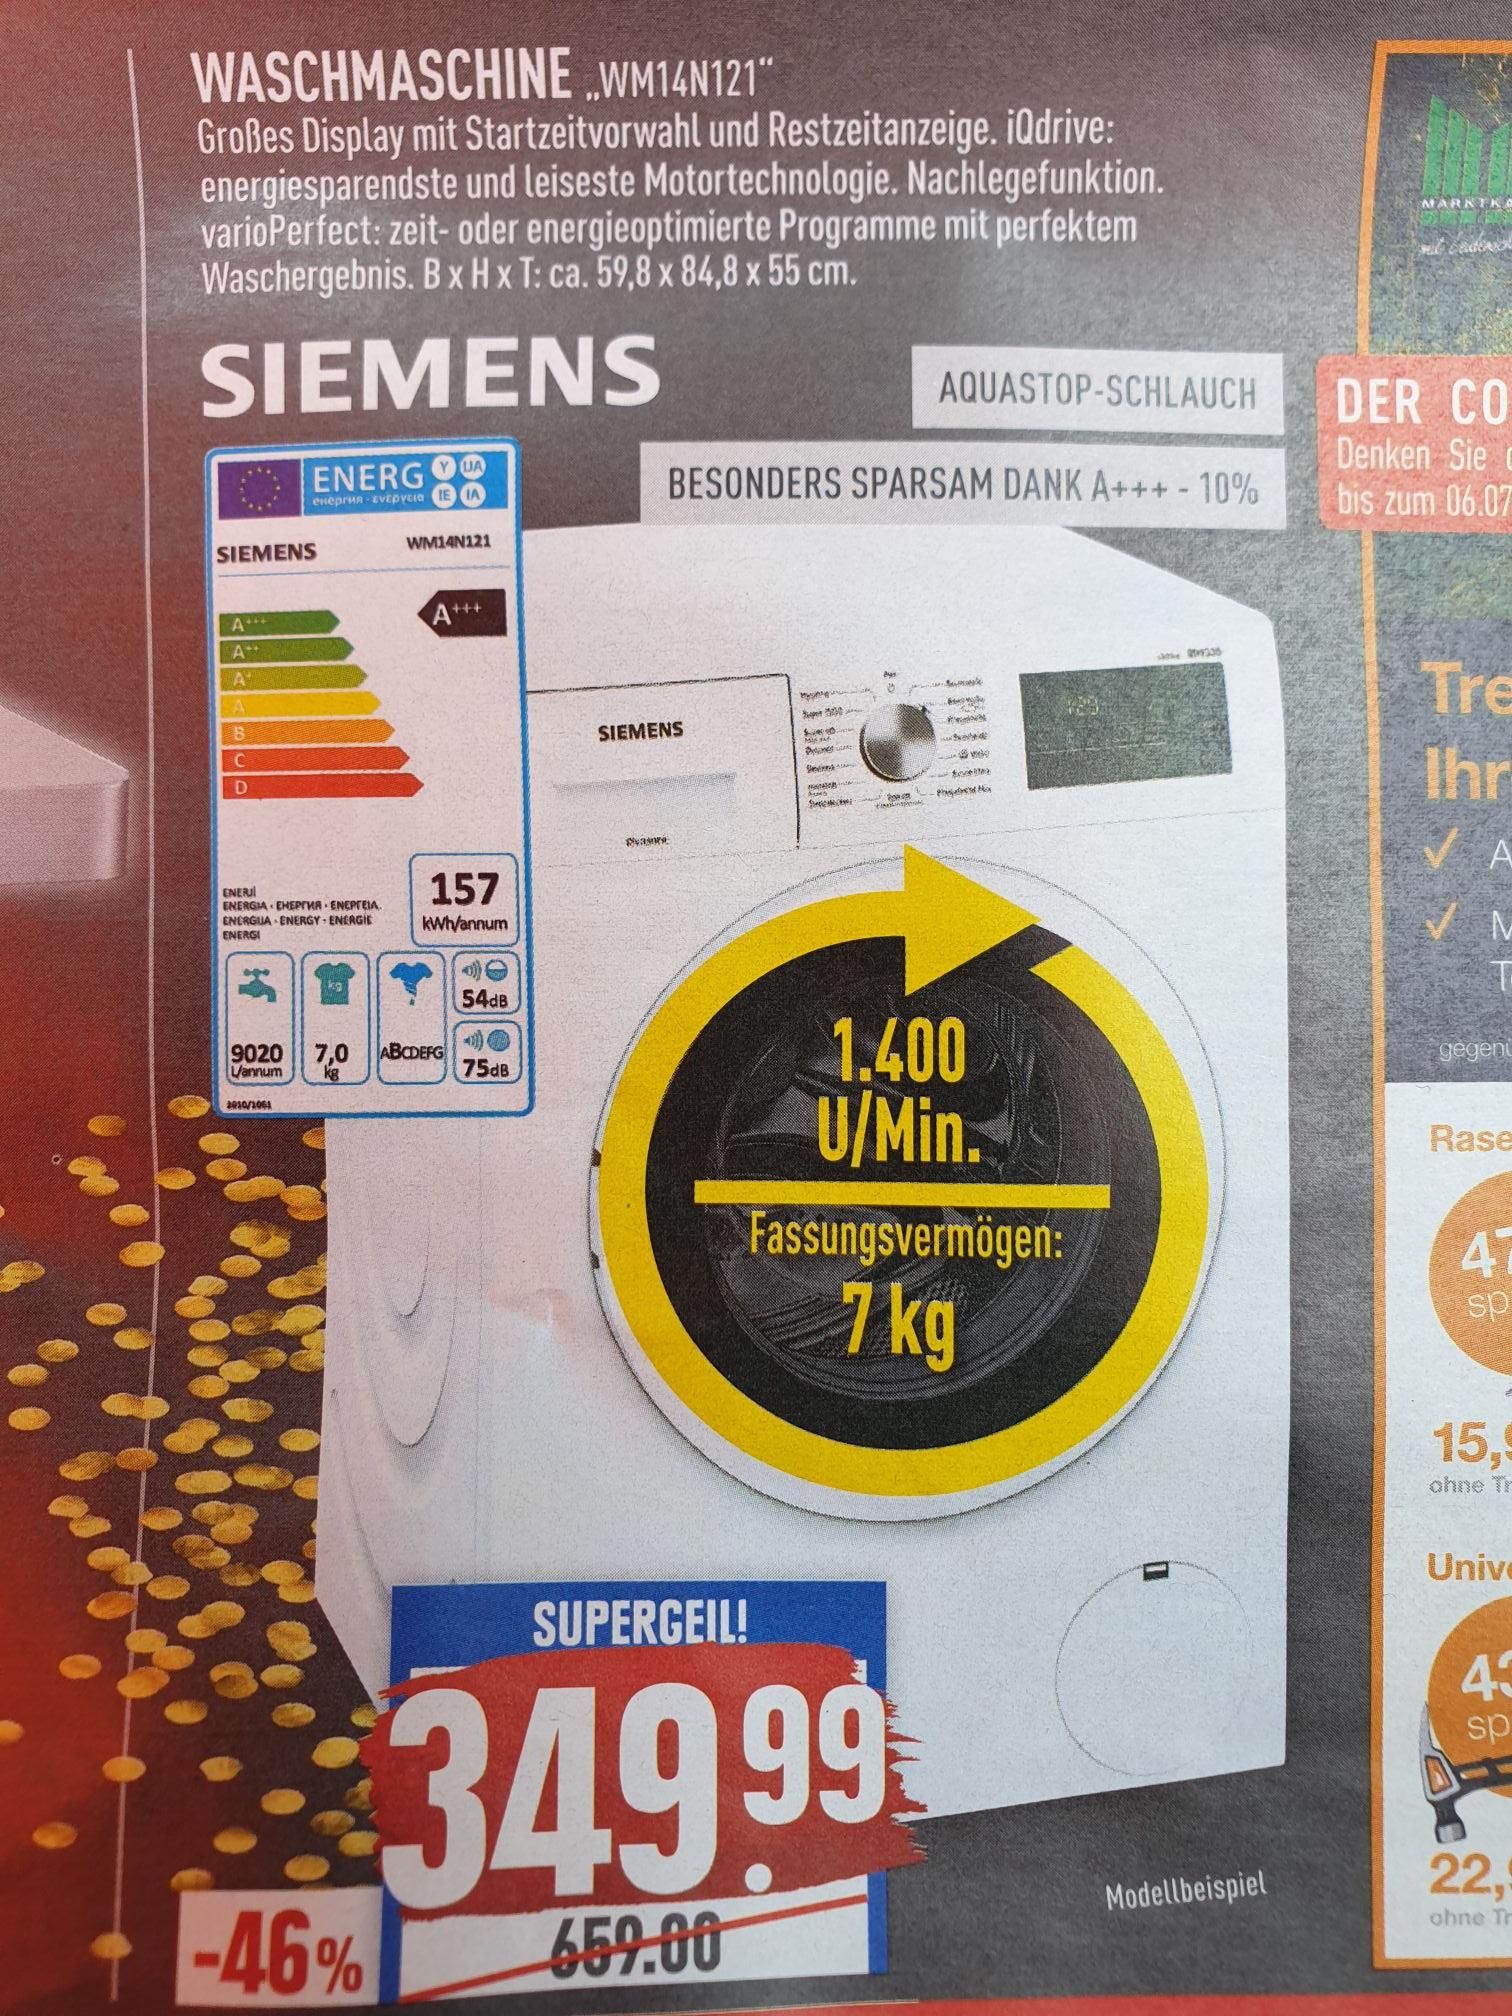 (Marktkauf Rhein-Ruhr) Siemens Waschmaschine WM14N121 mit iQdrive 349,99€ + Gasgrill Rösle Sansibar G3 Vario schwarz 299€